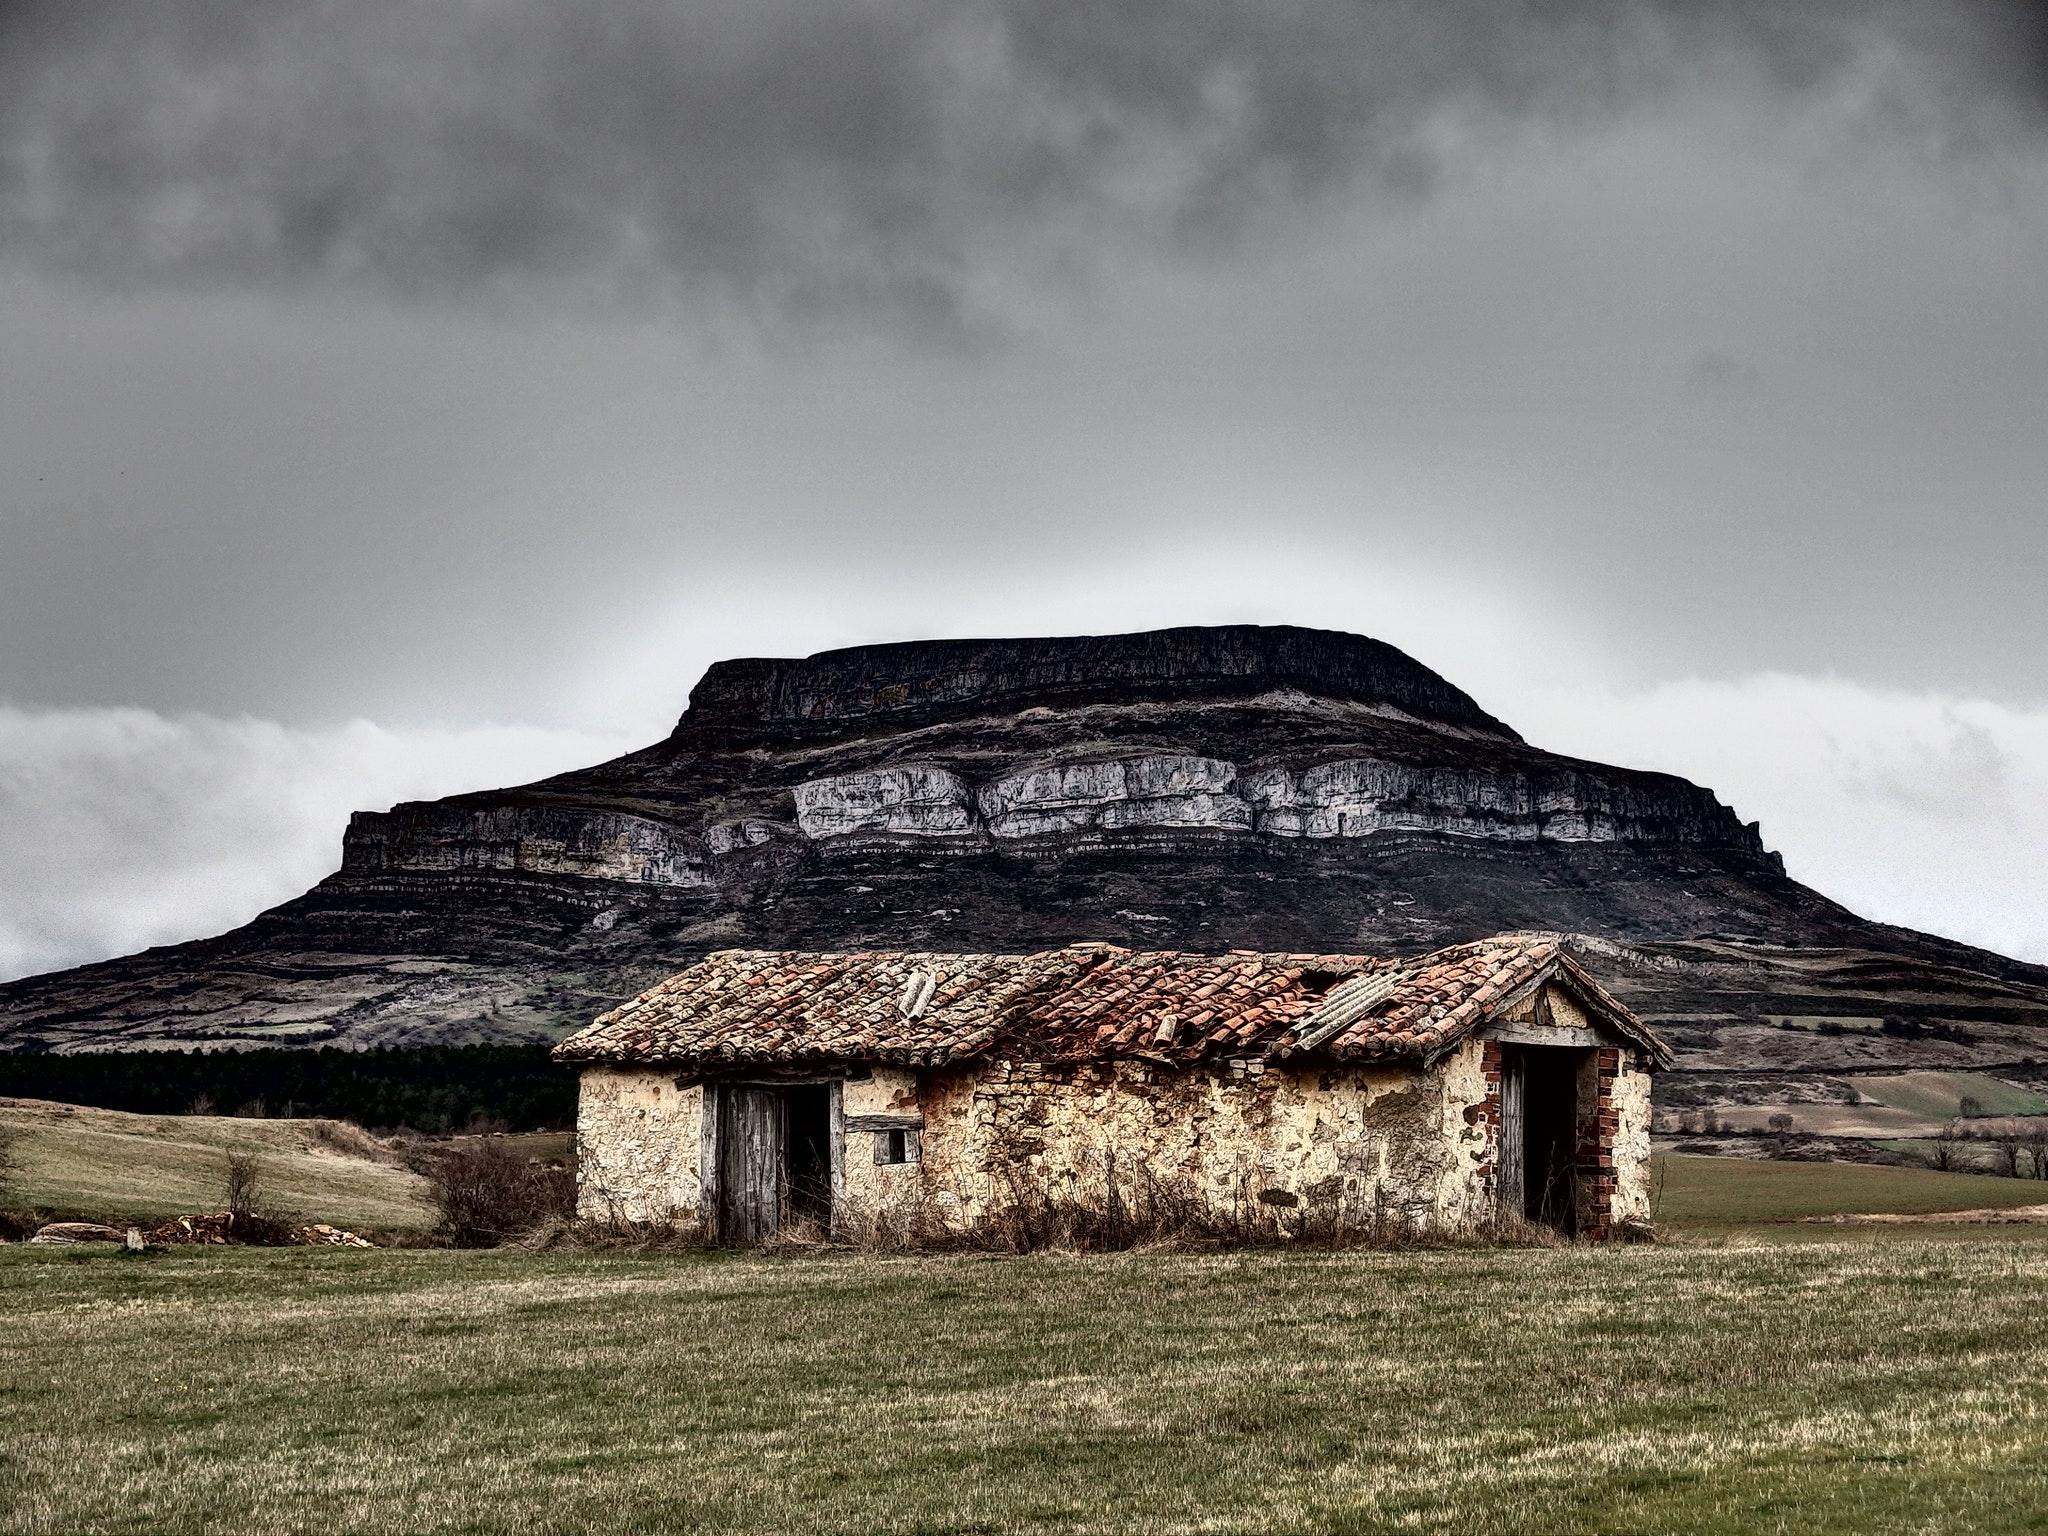 Ferienhaus Haus mit 5 Zimmern in Fuenteodra mit toller Aussicht auf die Berge, eingezäuntem Garten un (2211142), Fuenteodra, Burgos, Kastilien-León, Spanien, Bild 74